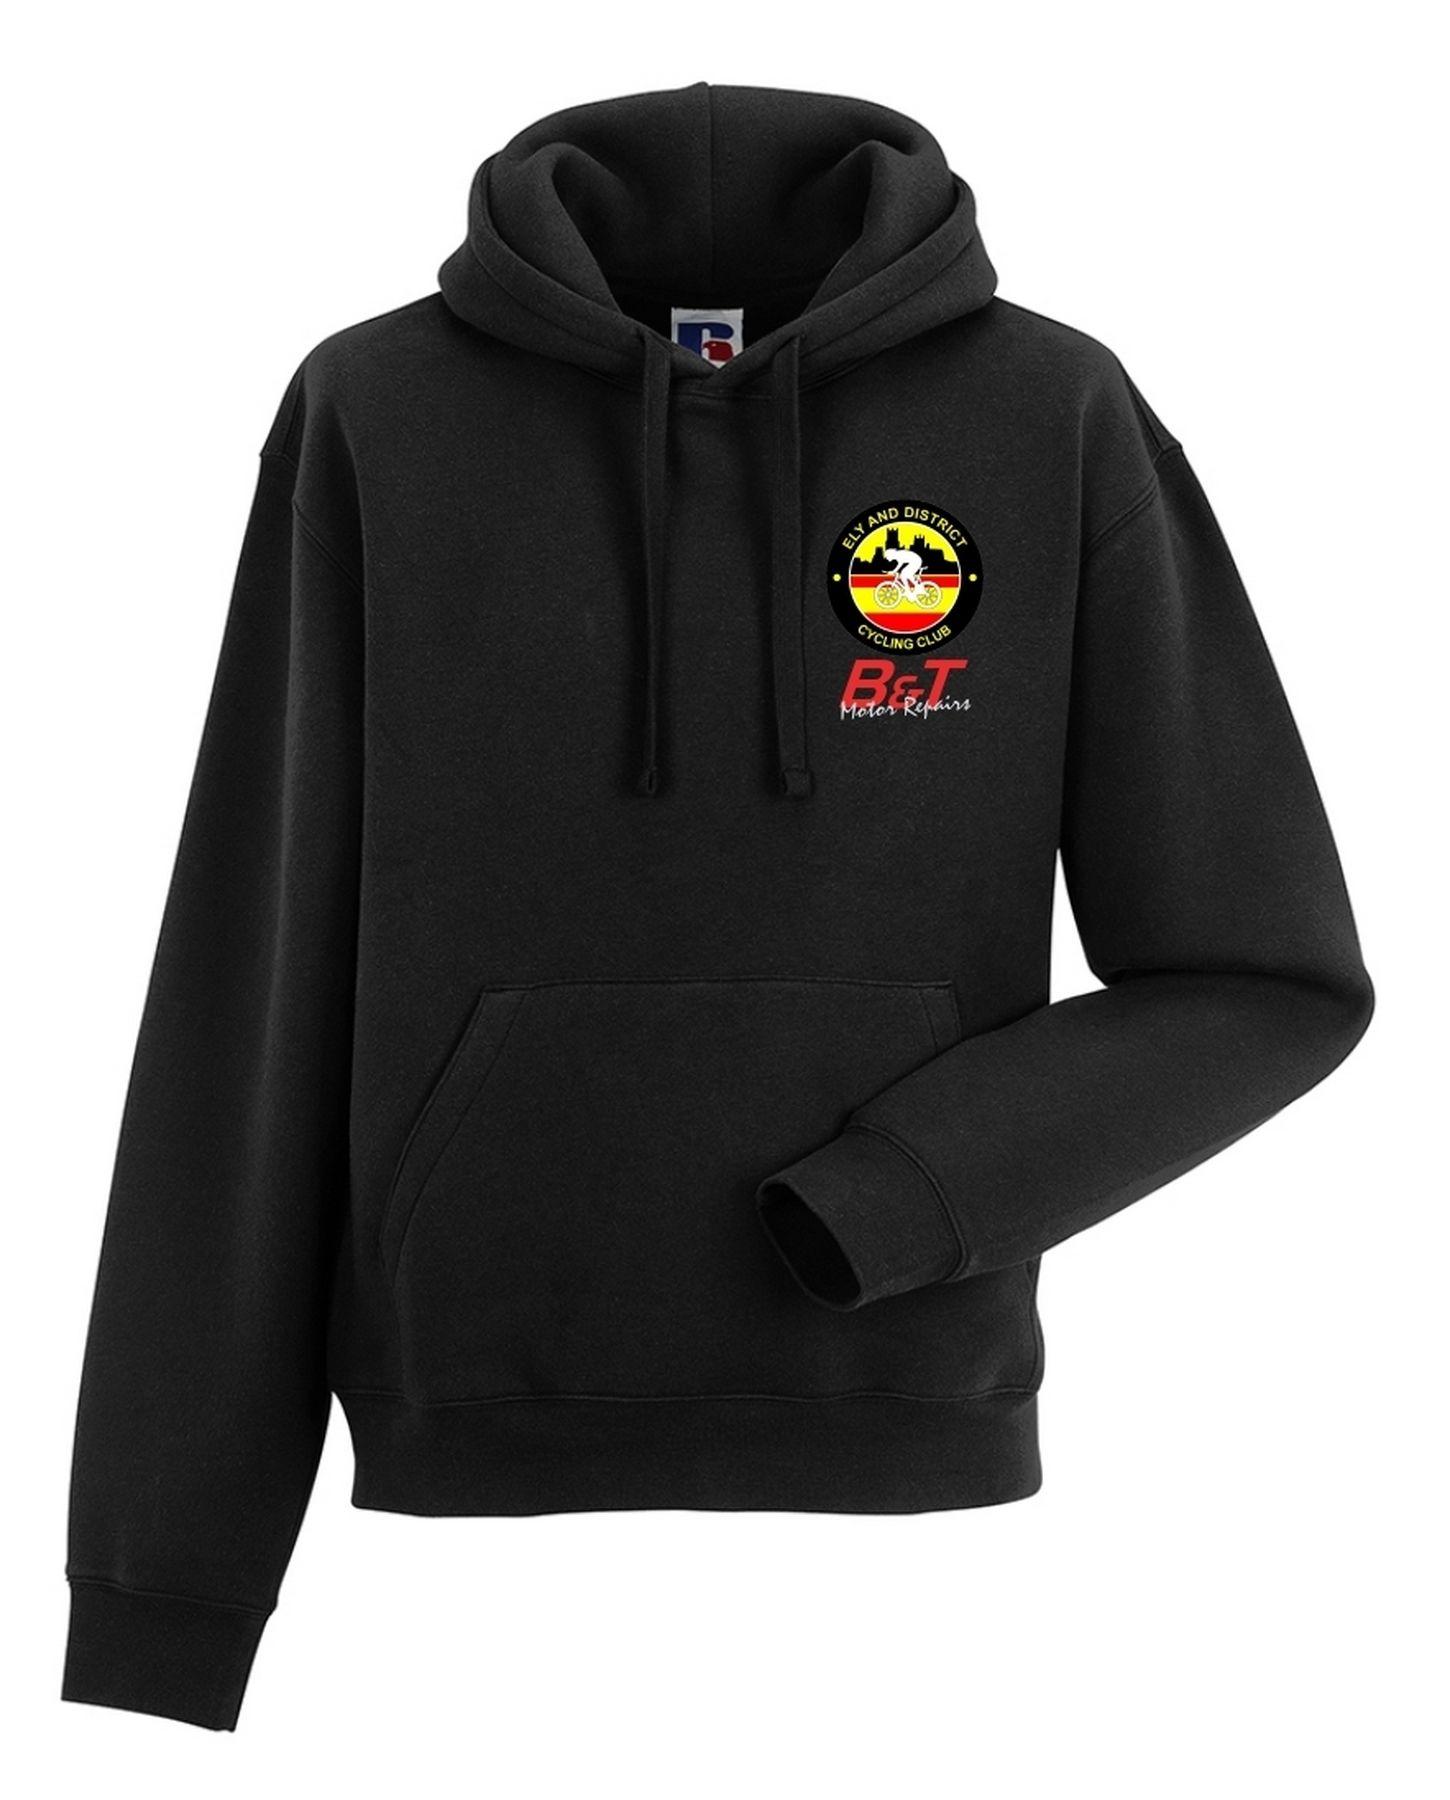 EDCC – Russell Hoodie in Black